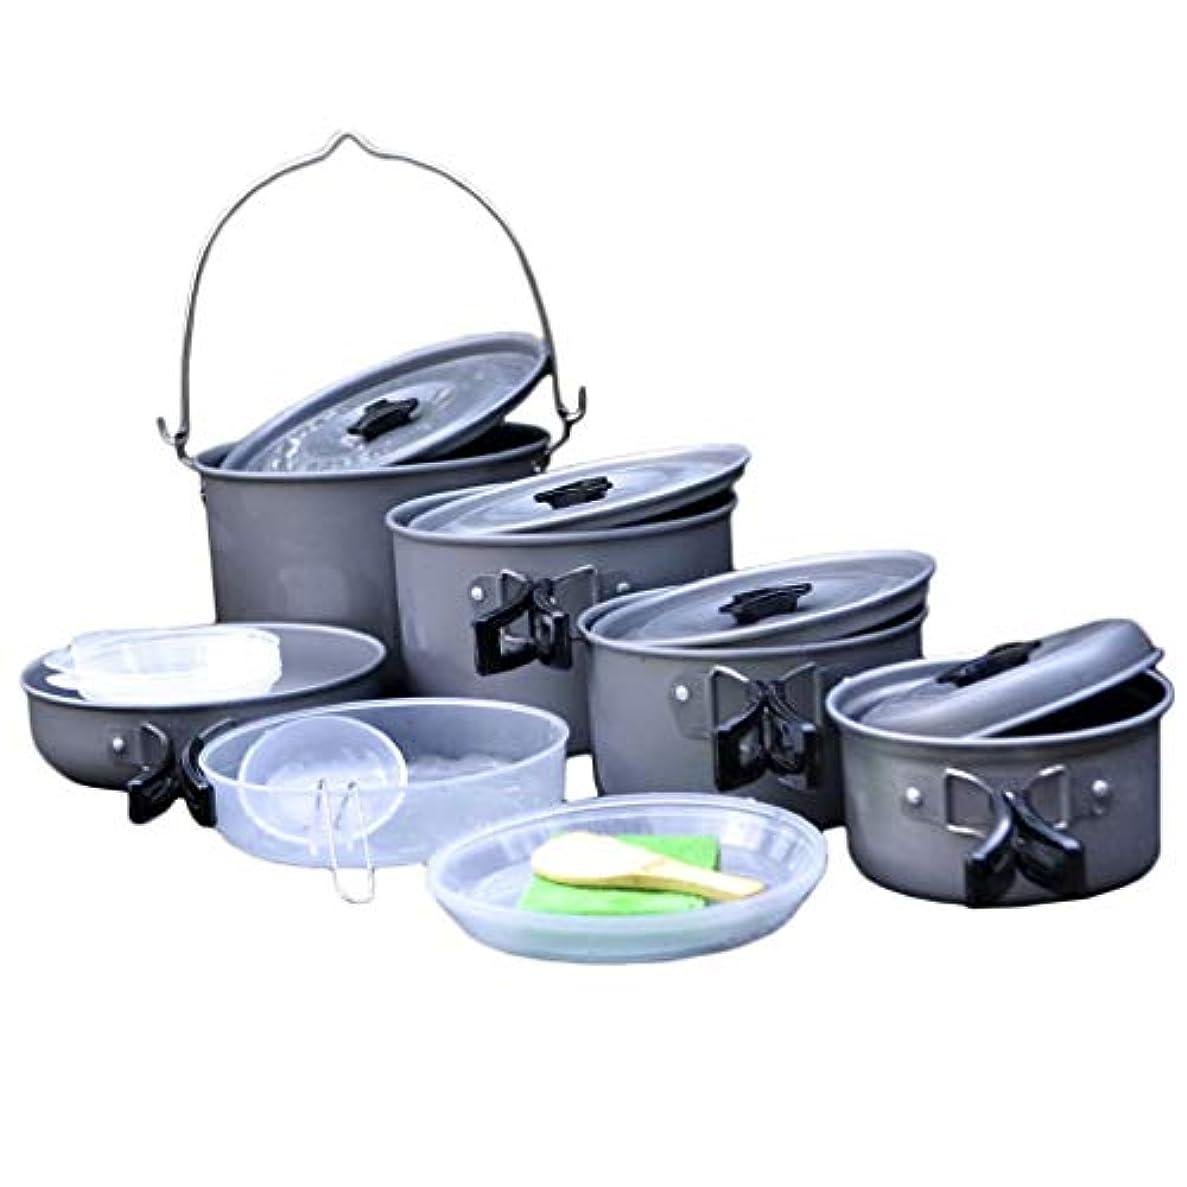 普通に遠近法キリスト屋外ポットピクニックポット食器野生の調理器具セットキャンプポットポータブル5-6人野生機器用品